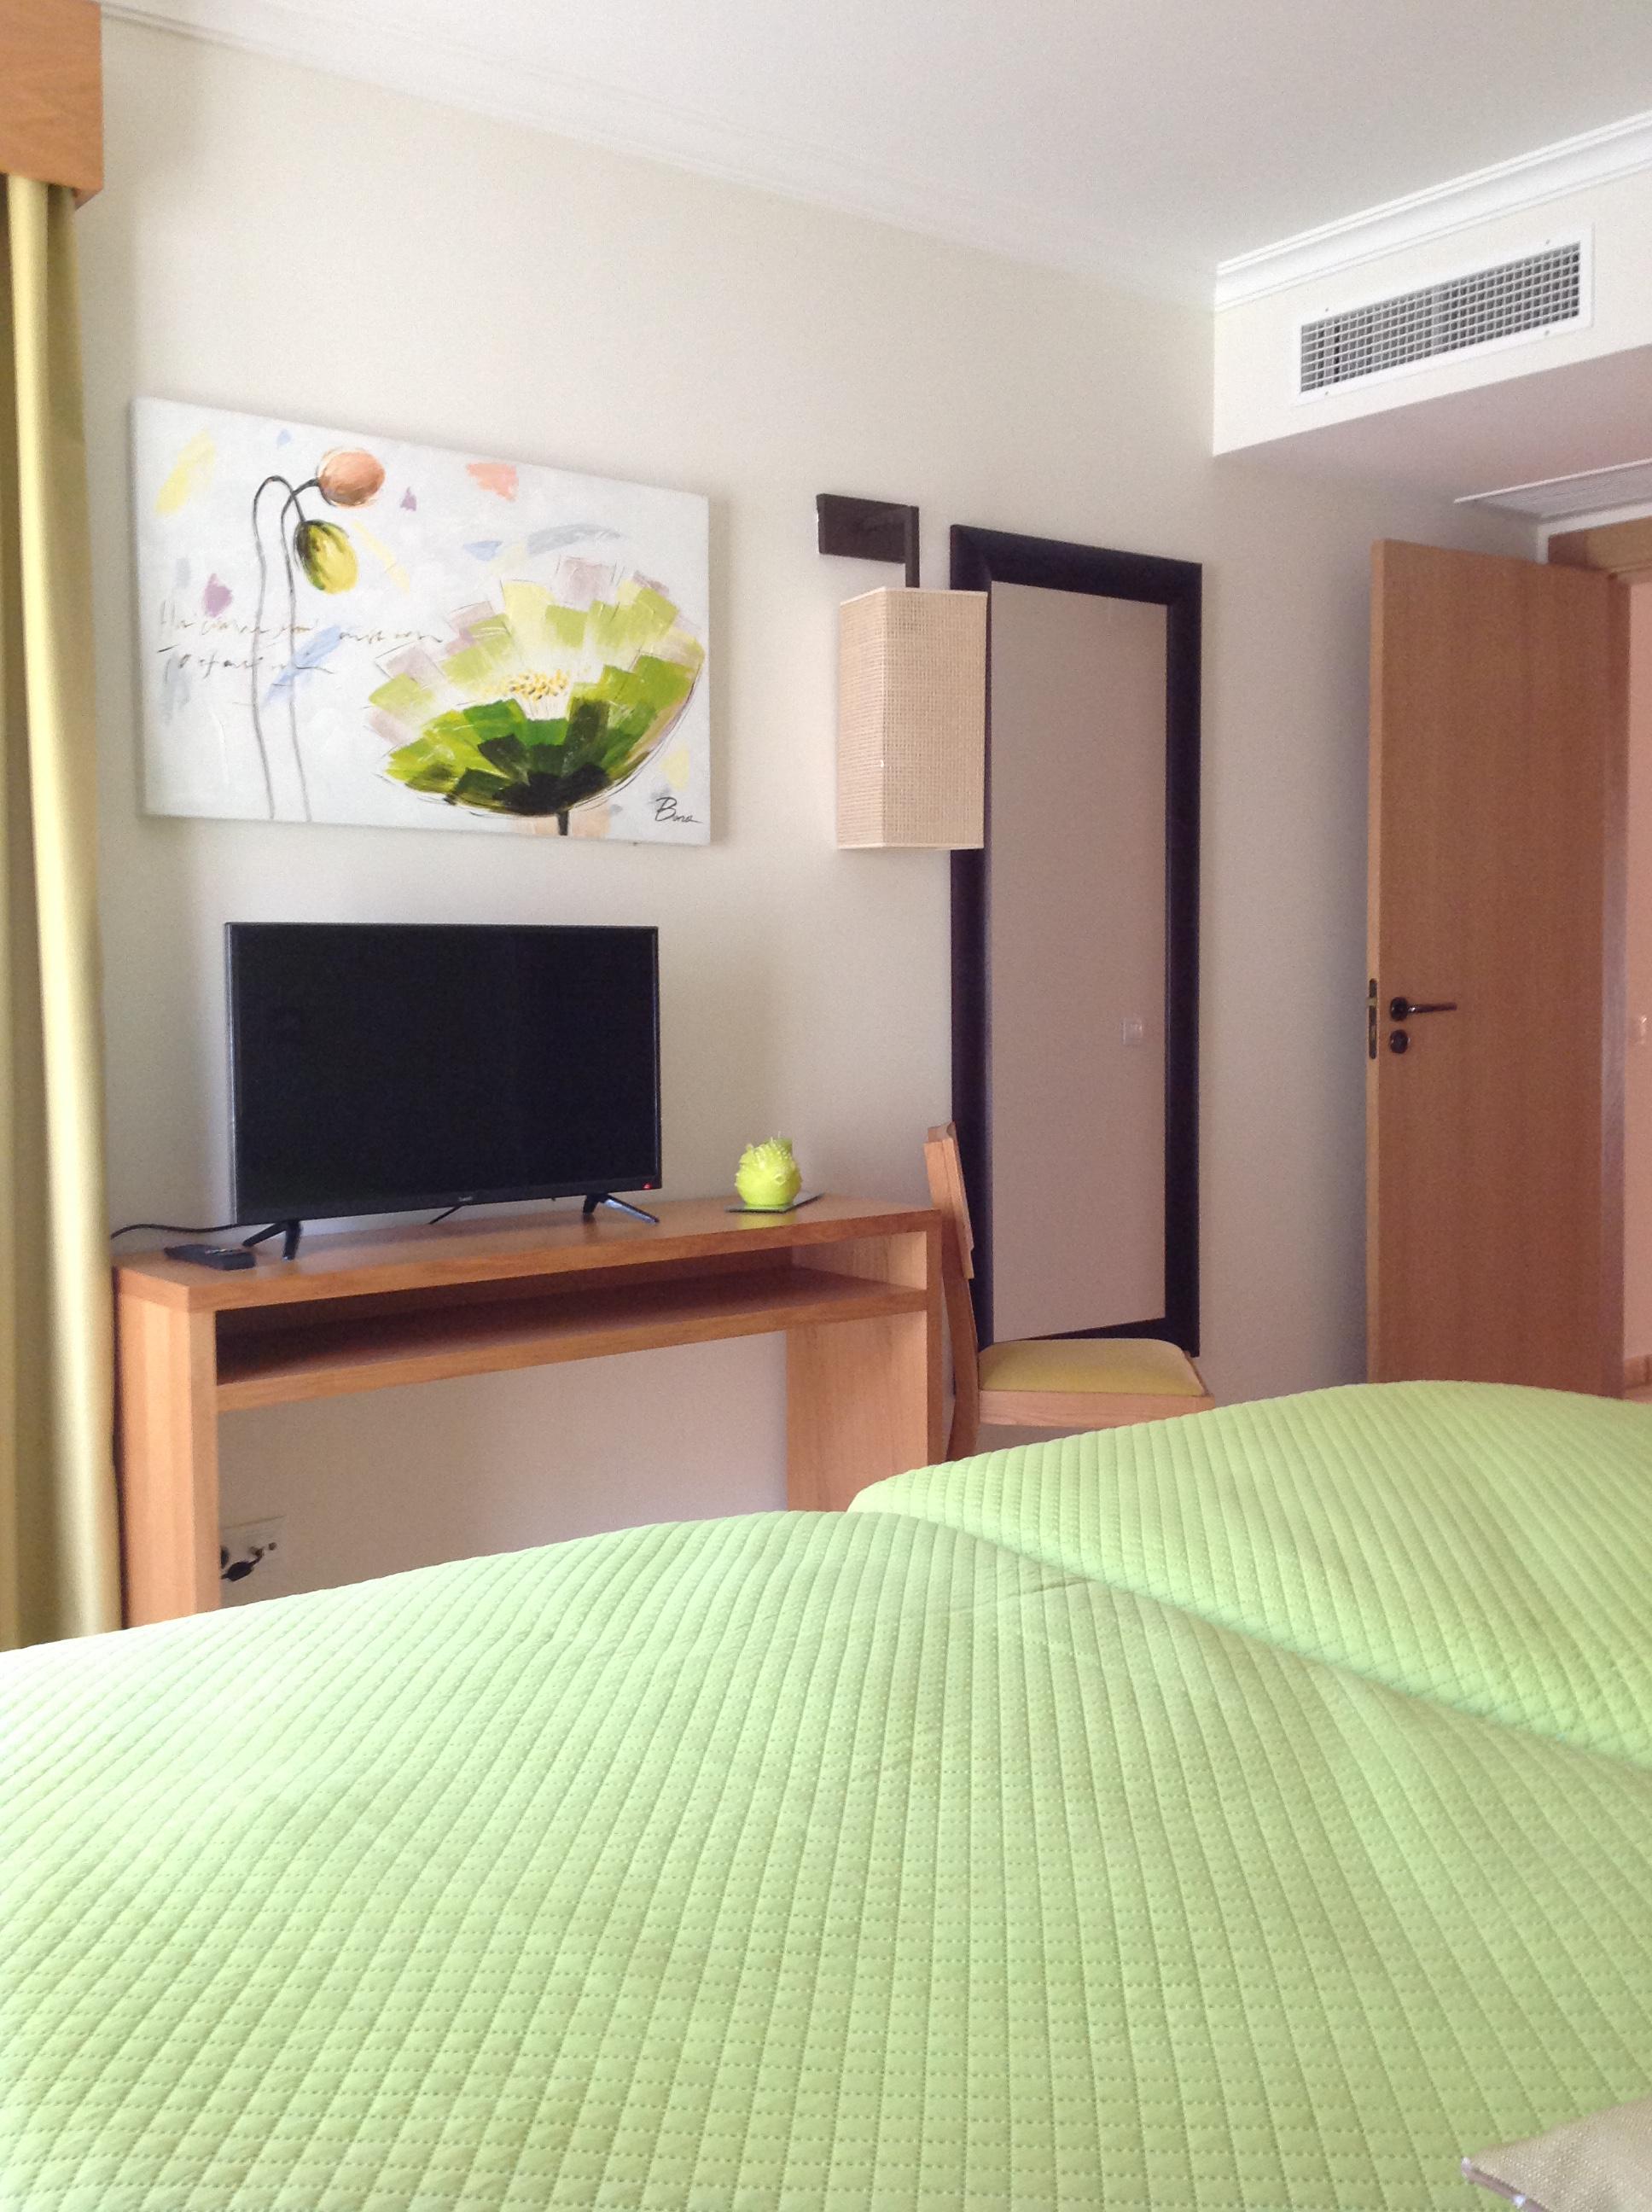 Location appartements et villas de vacance, Casa de Férias Vila Sol à Quarteira, Portugal Algarve, REF_IMG_3982_3988